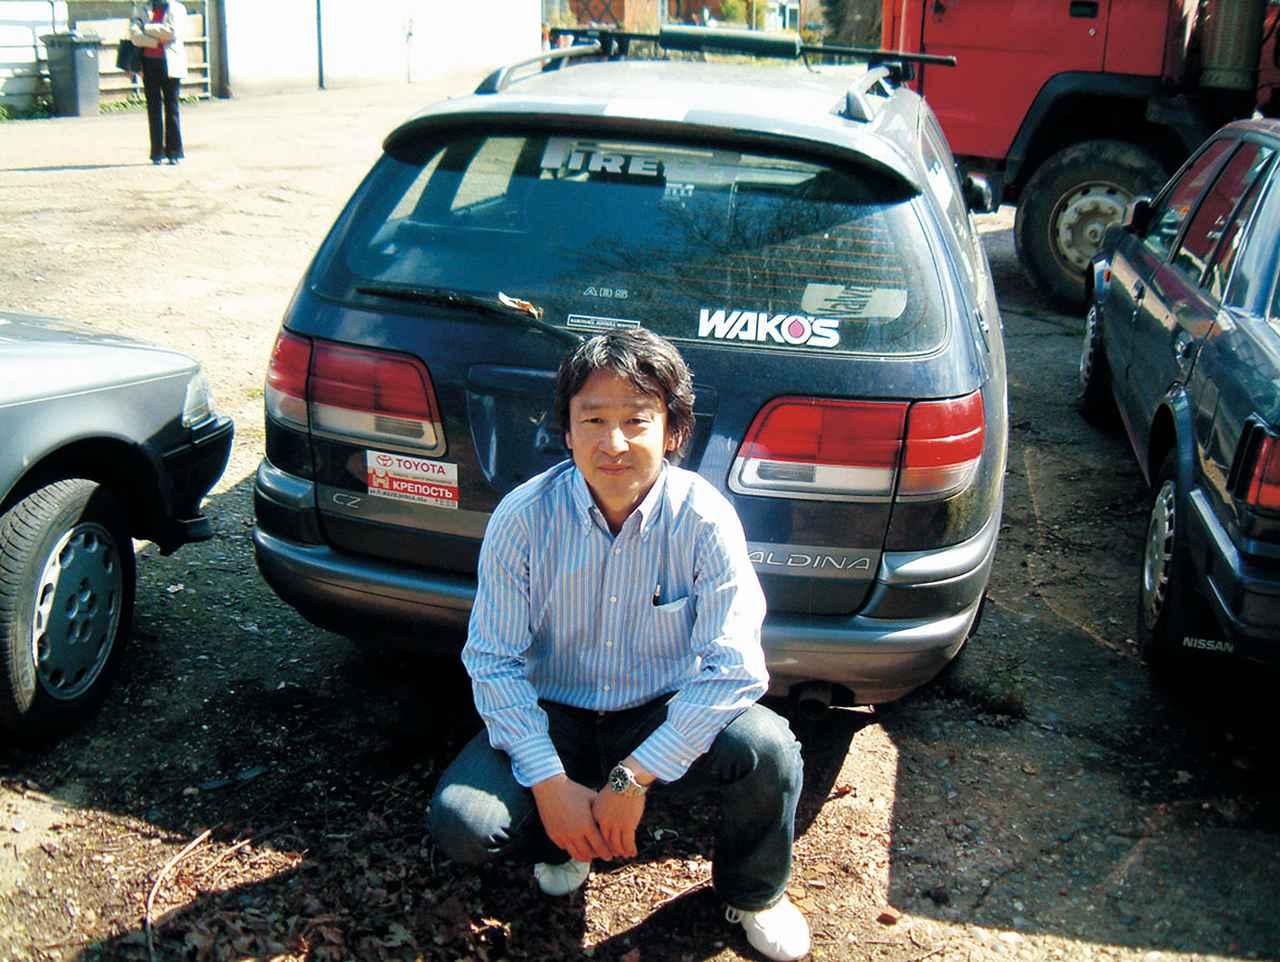 画像: ロンドン市内からほど近い地に、藤原氏のオフィスはある。その駐車場で、久しぶりにカルディナとの対面を果たした金子氏。車両を日本へ持ち帰ることはコスト的に難しかった。